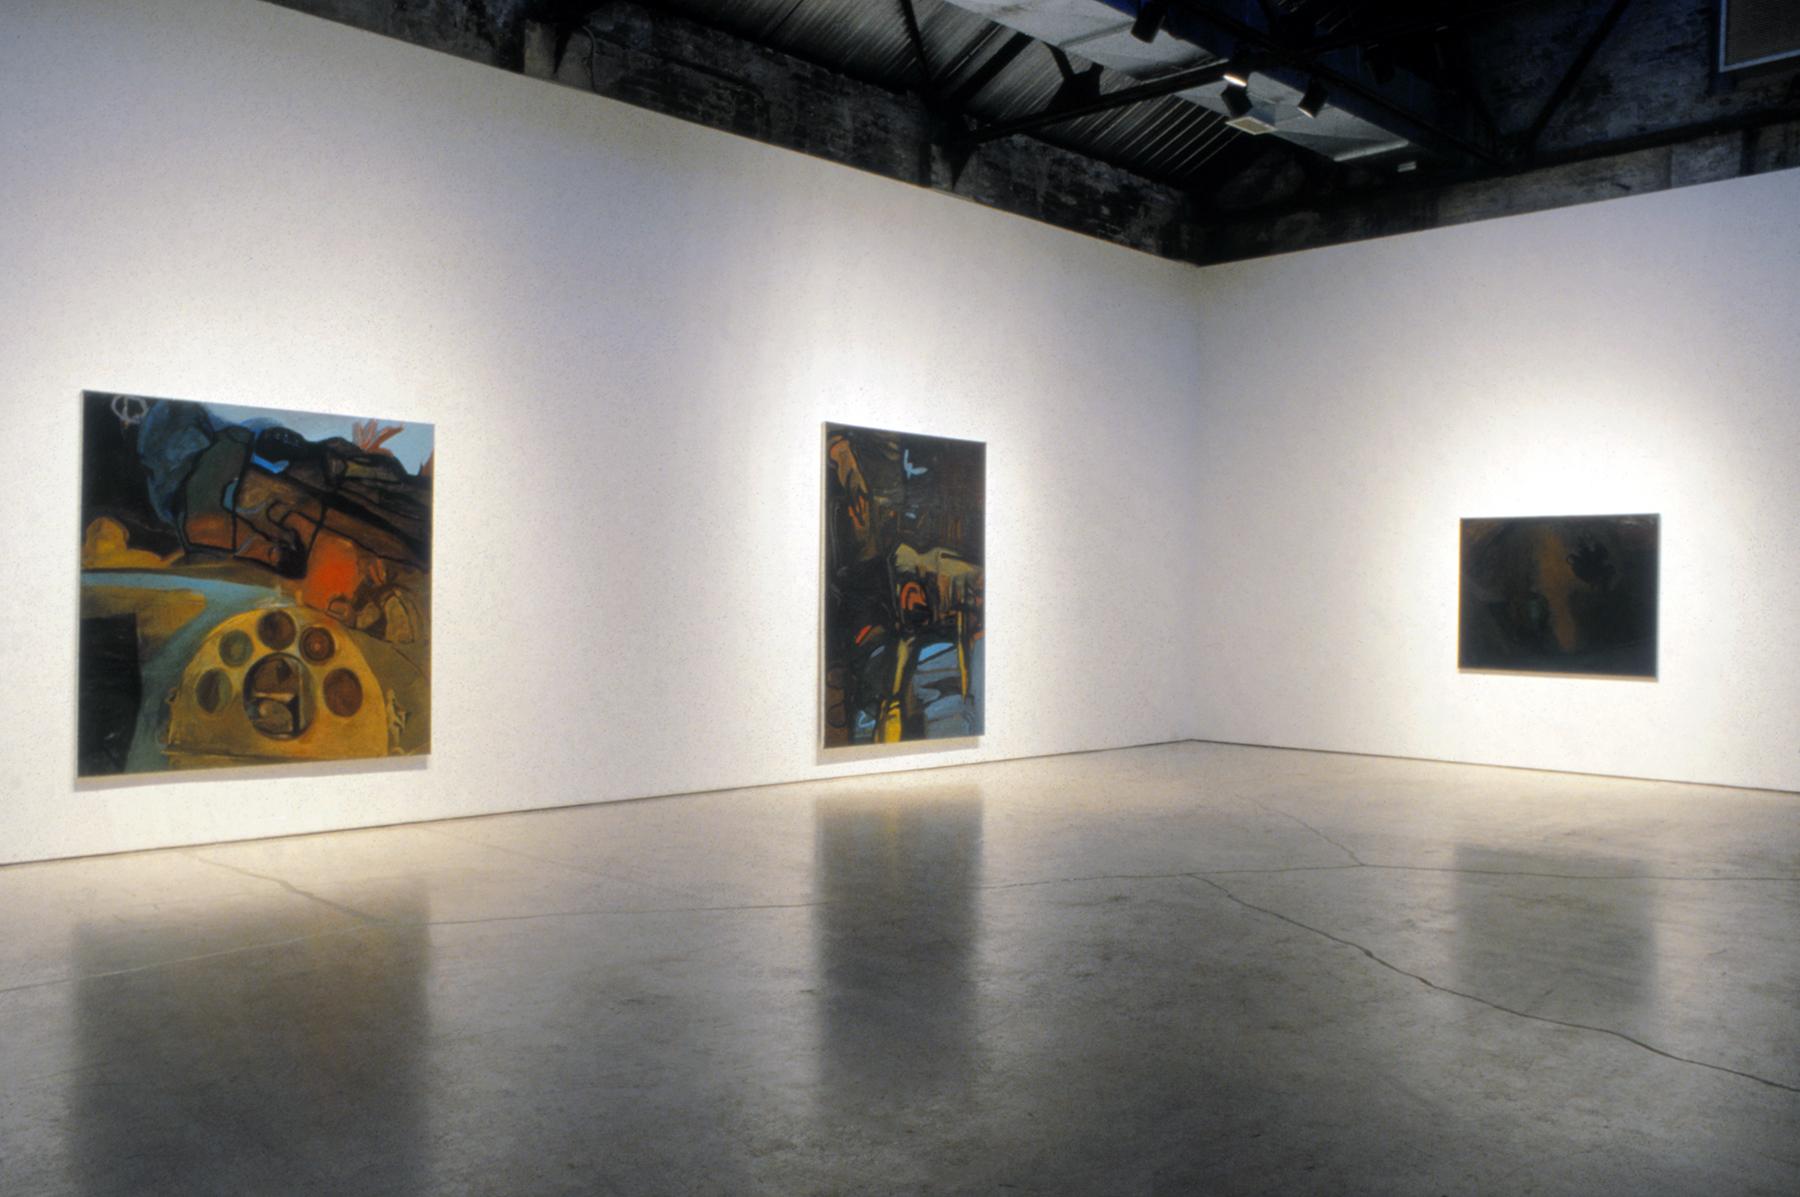 126 Plotek Leopold Installation olga korper gallery 1995 138229.jpg